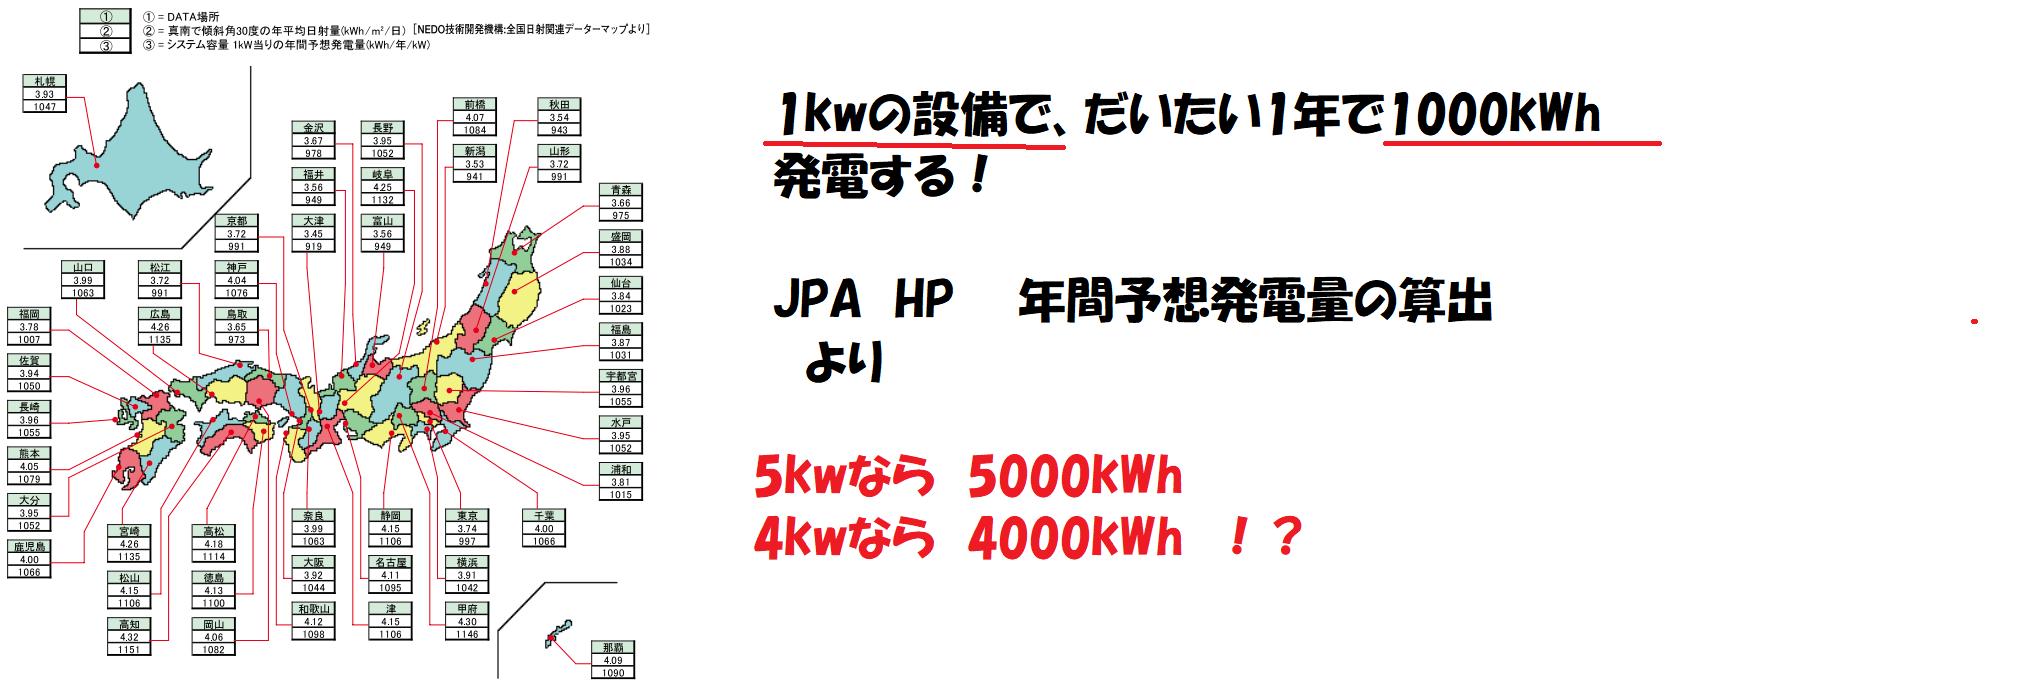 発電量の予想JPEAより